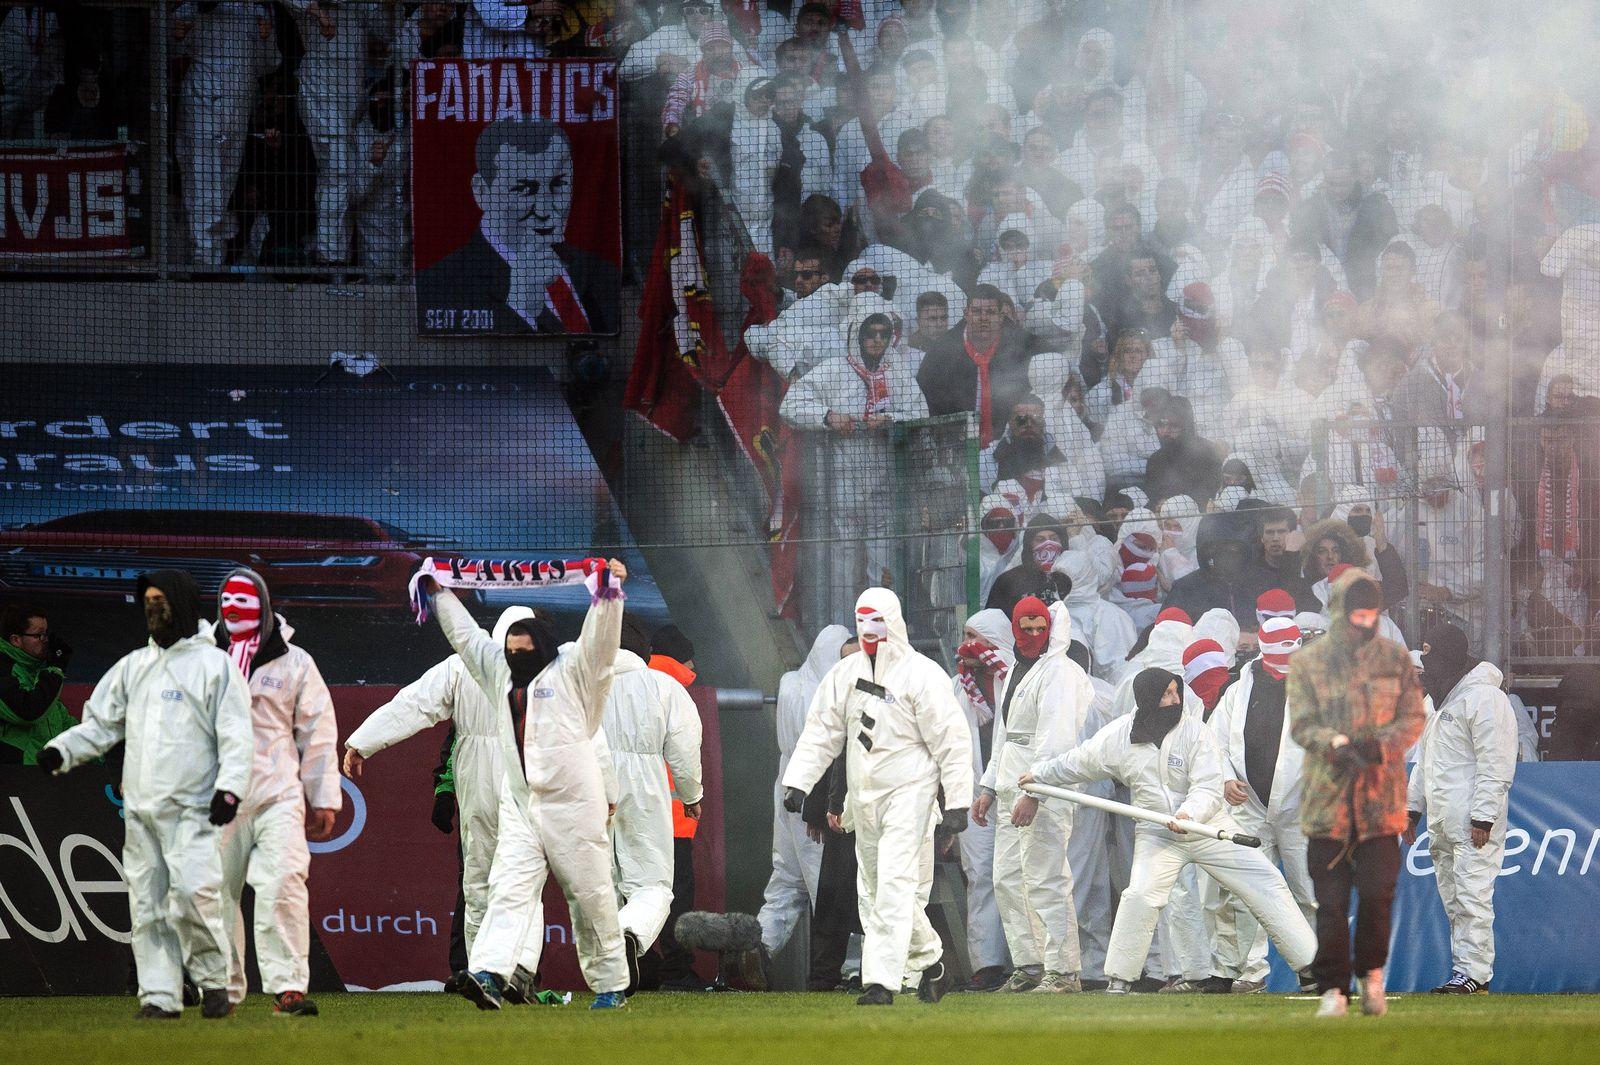 Nach Platzsturm in Gladbach: 1. FC Köln schließt Fan-Gruppe aus